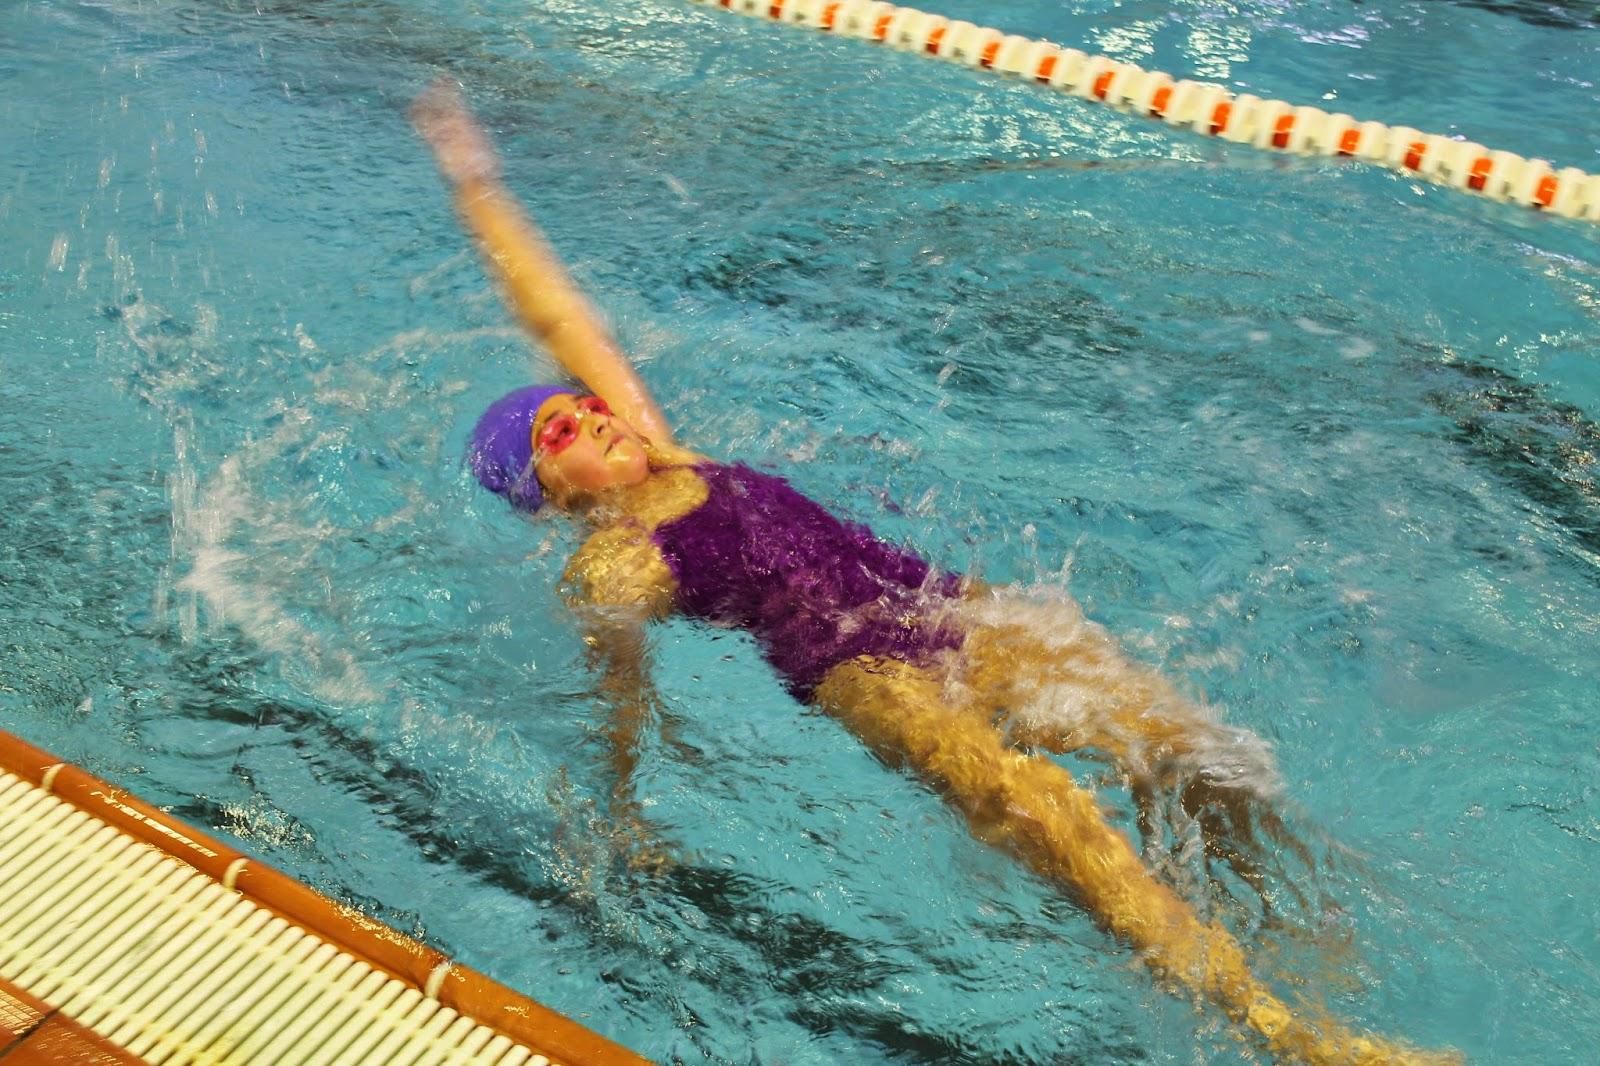 Técnicas-de-natación-espalda-6